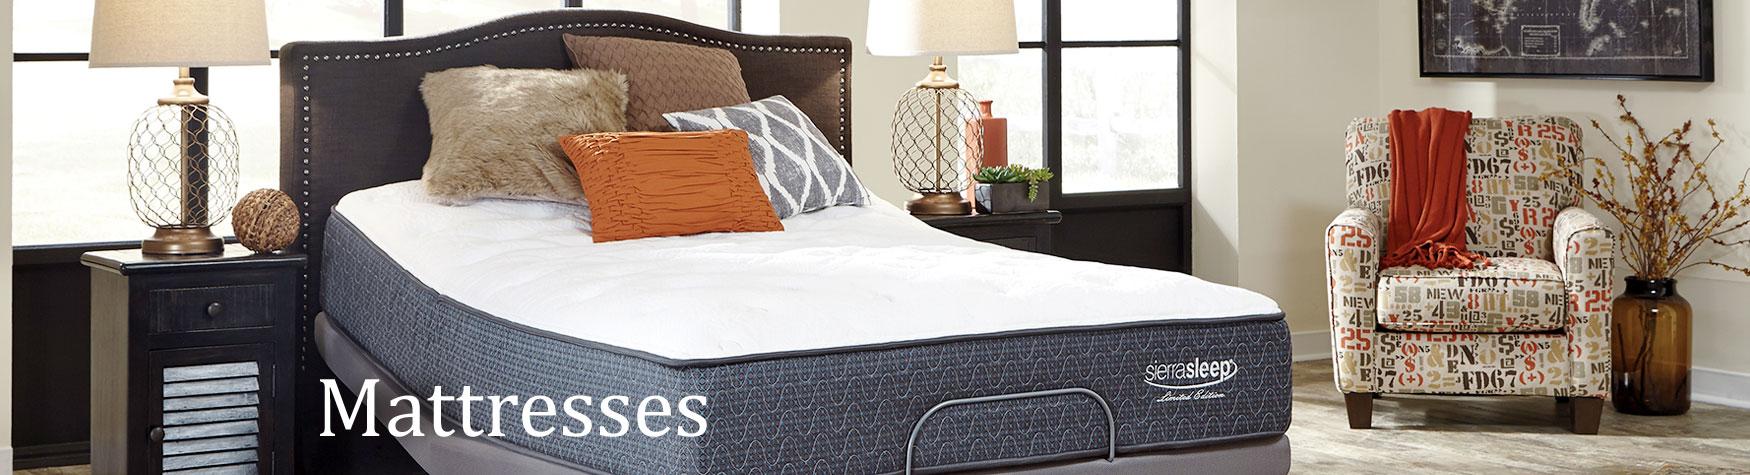 banner-mattresses.jpg